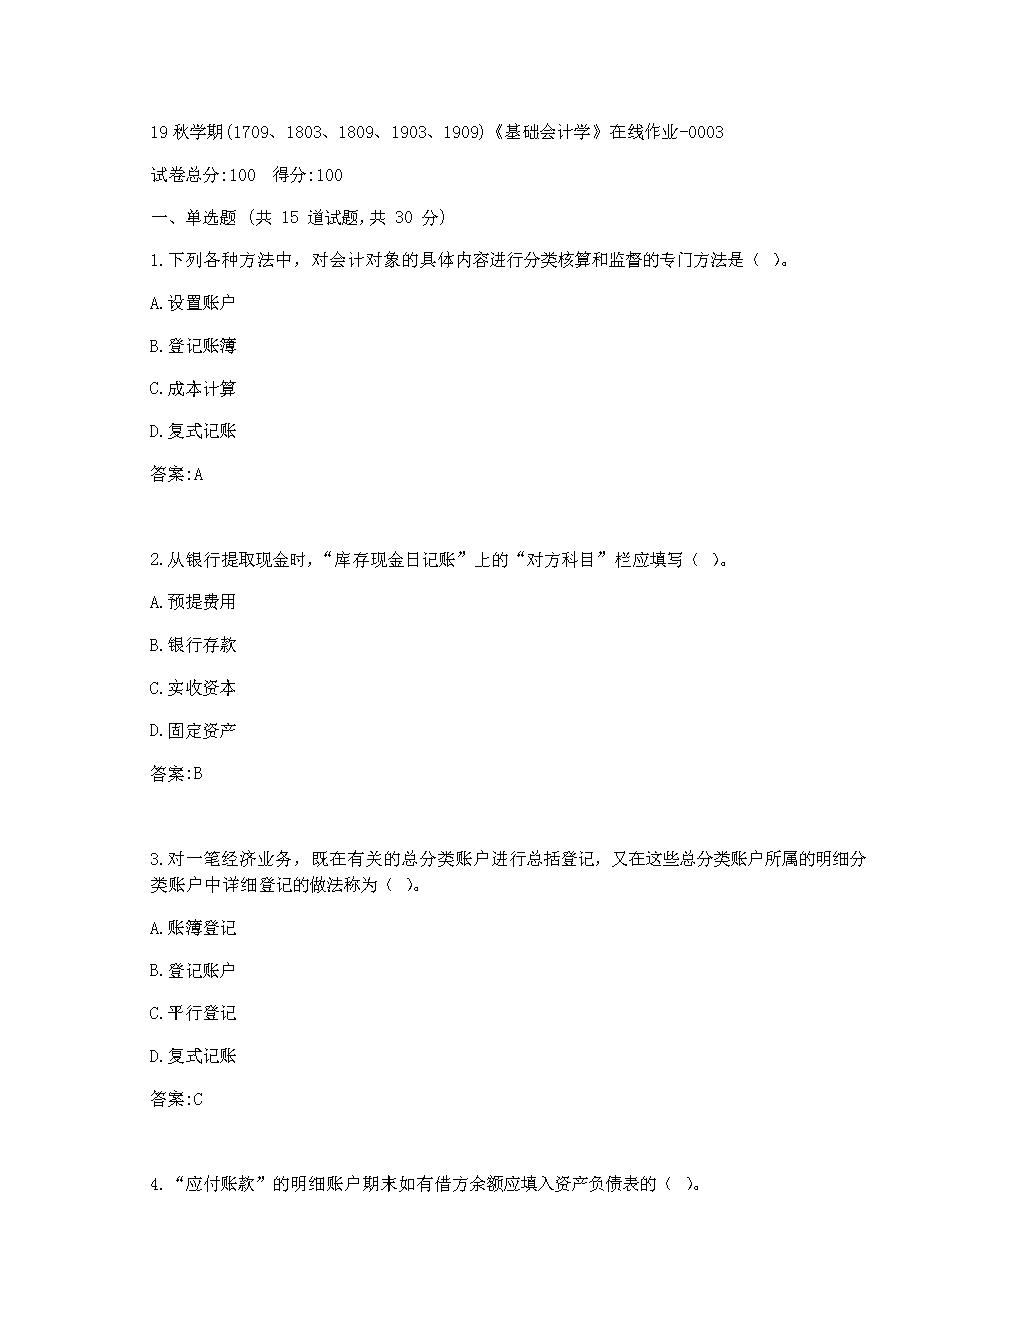 南开19秋学期(1709、1803、1809、1903、1909)《基础会计学》在线作业答卷.docx